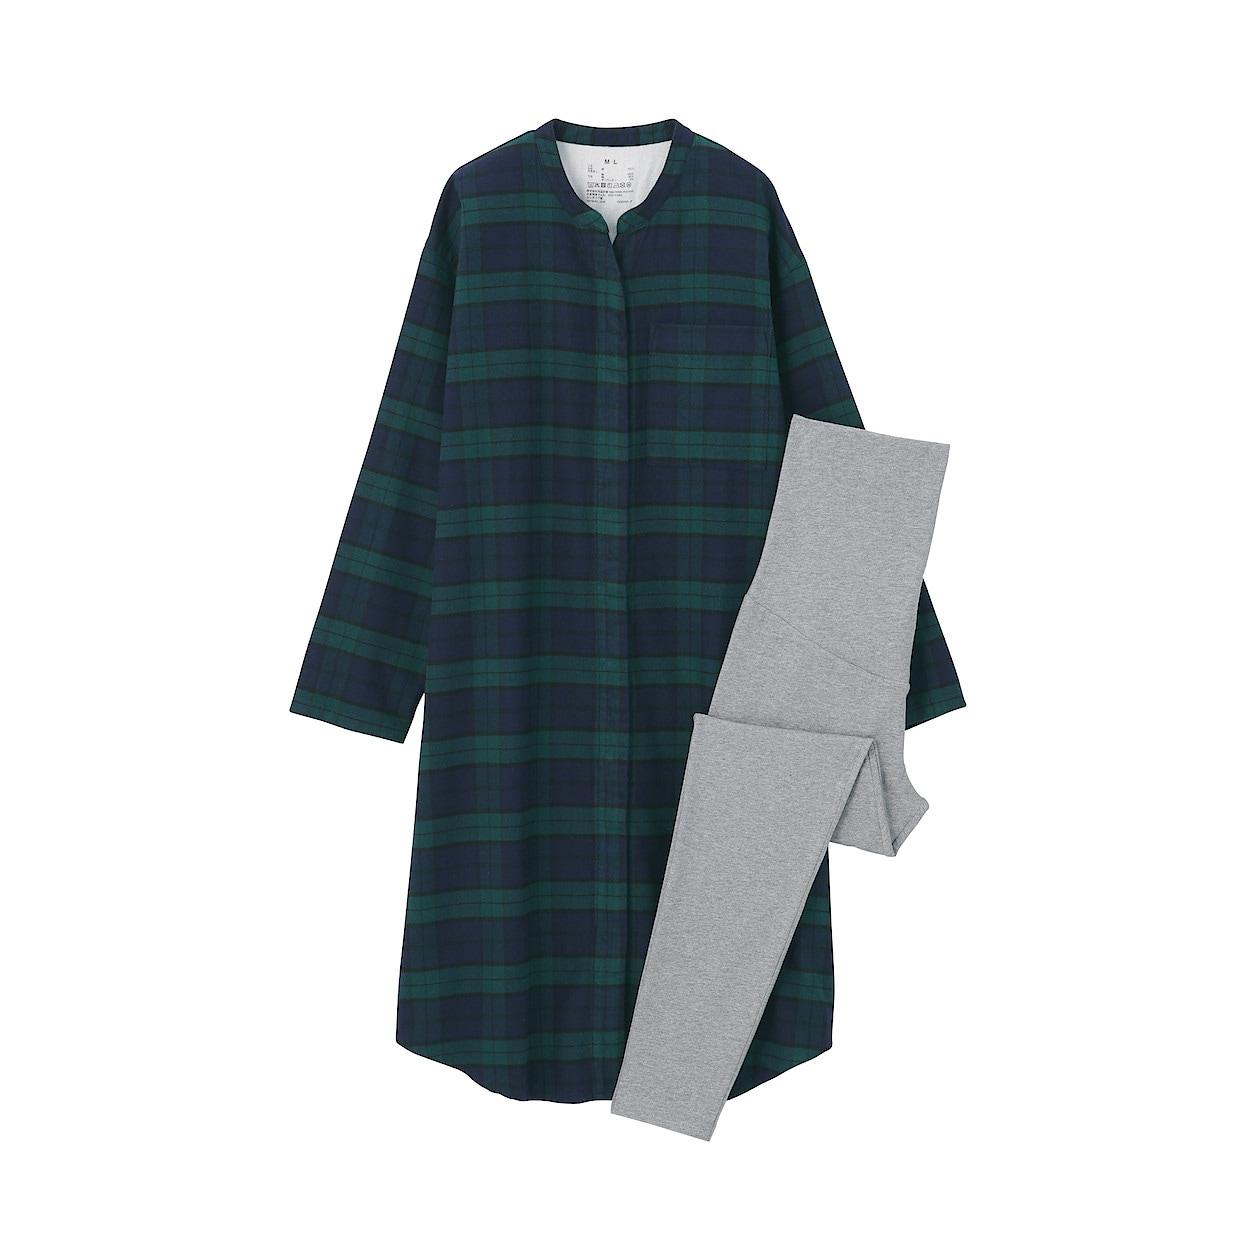 秋冬におすすめの無印良品のマタニティパジャマ